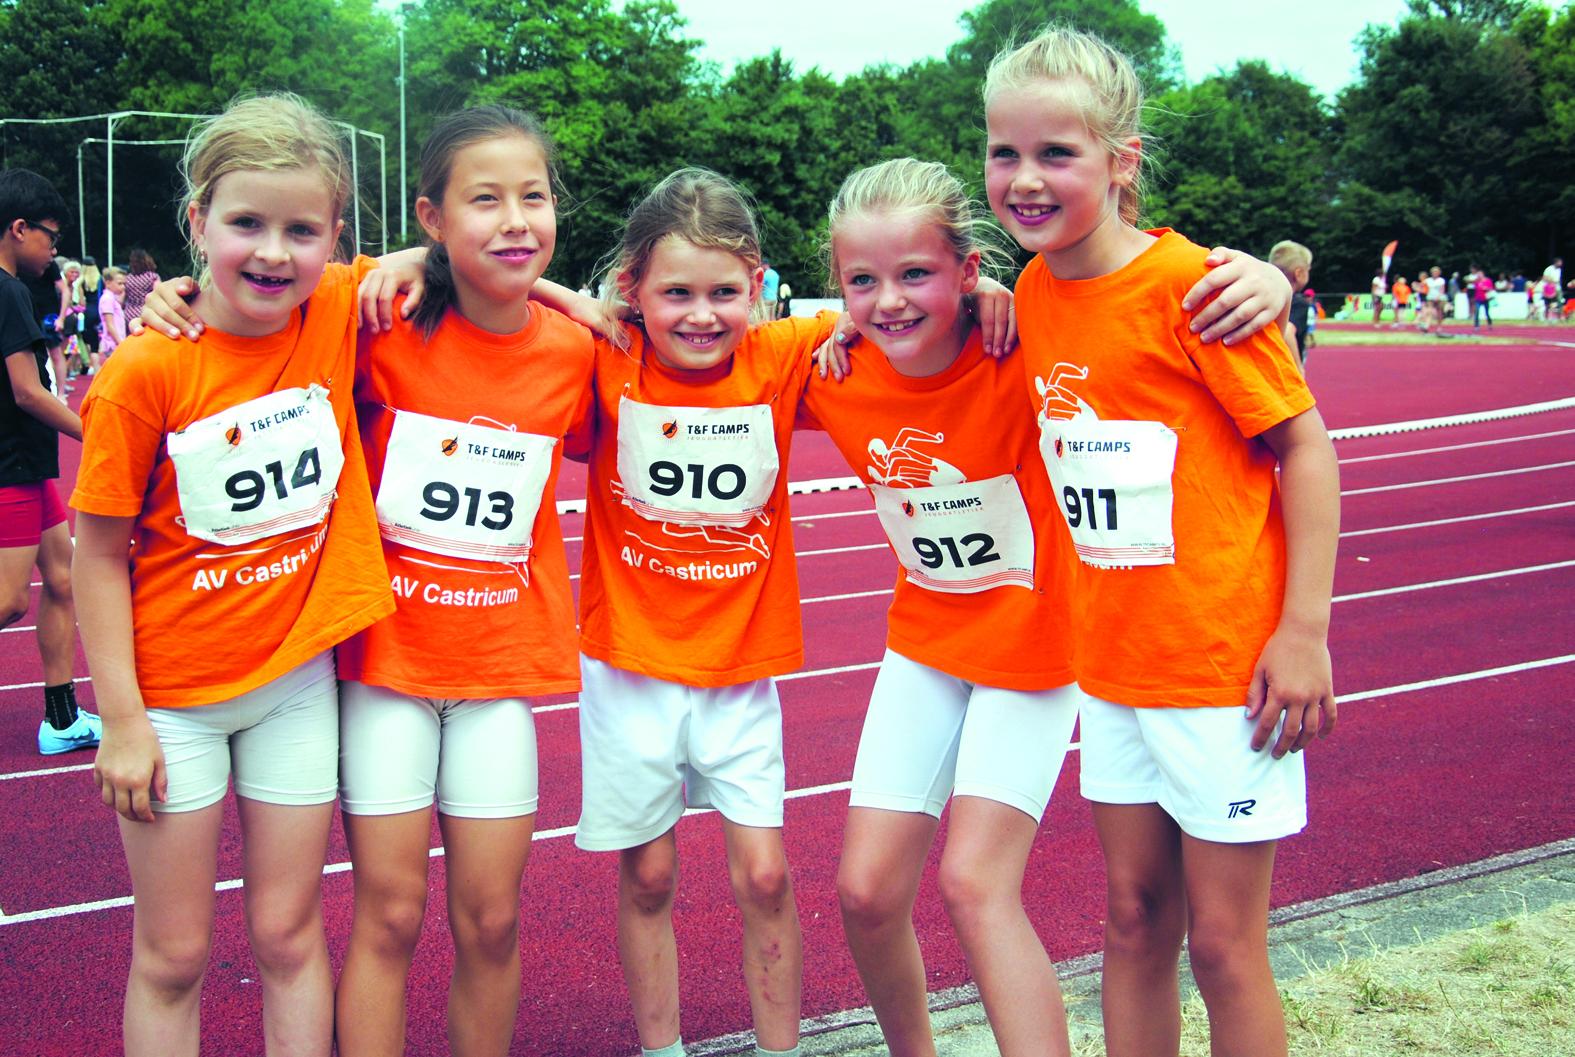 Het estafette-team meisjes pupillen C met Sara de Waard, Noa Popot, Elin Bernhard, en Robyn Besselink. Met als tweede van rechts ploeggenote Janne van der Meer.